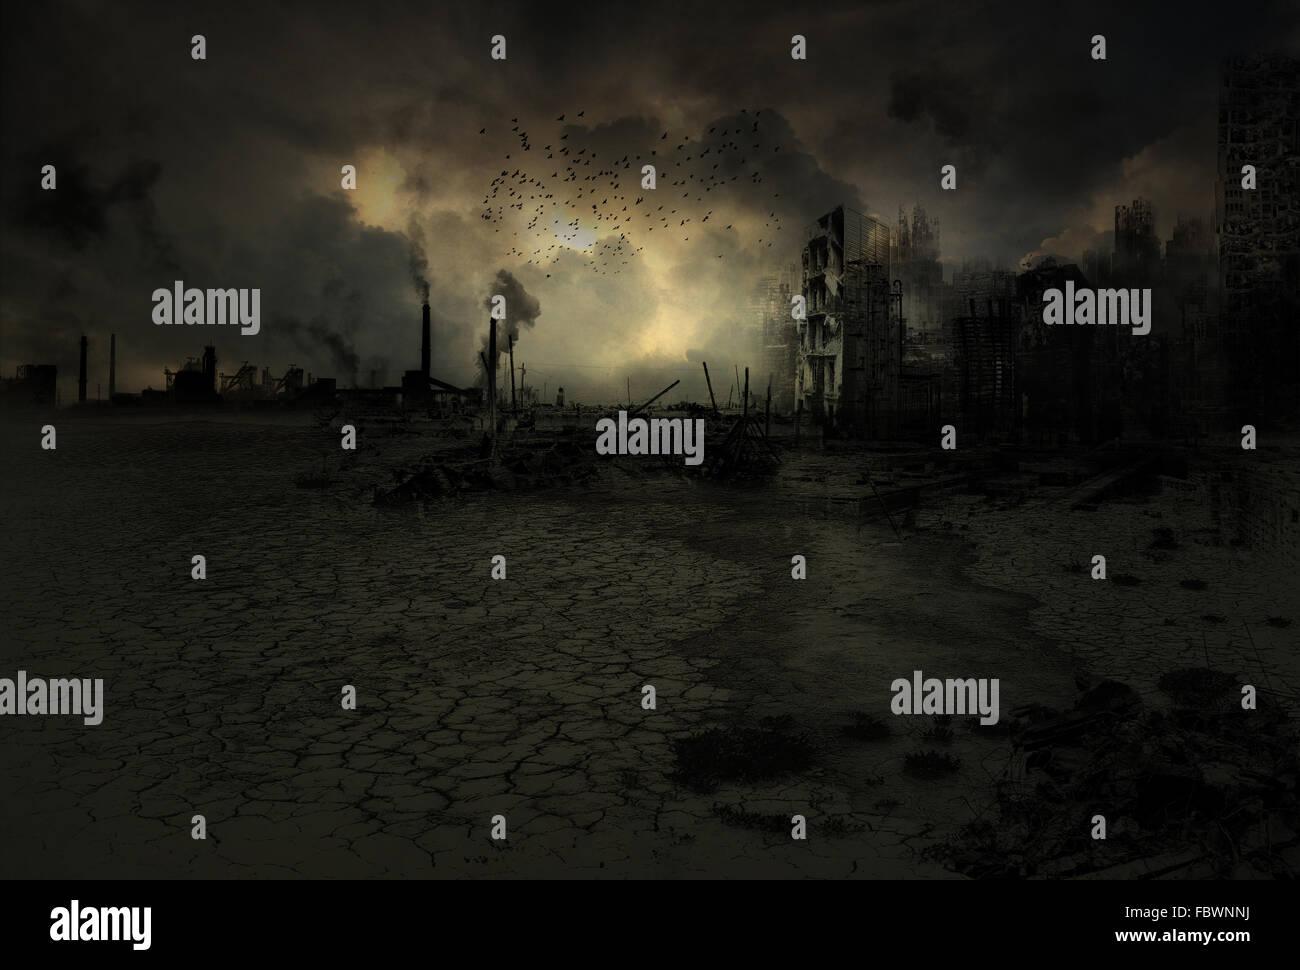 Background - apocalyptic scenario Stock Photo